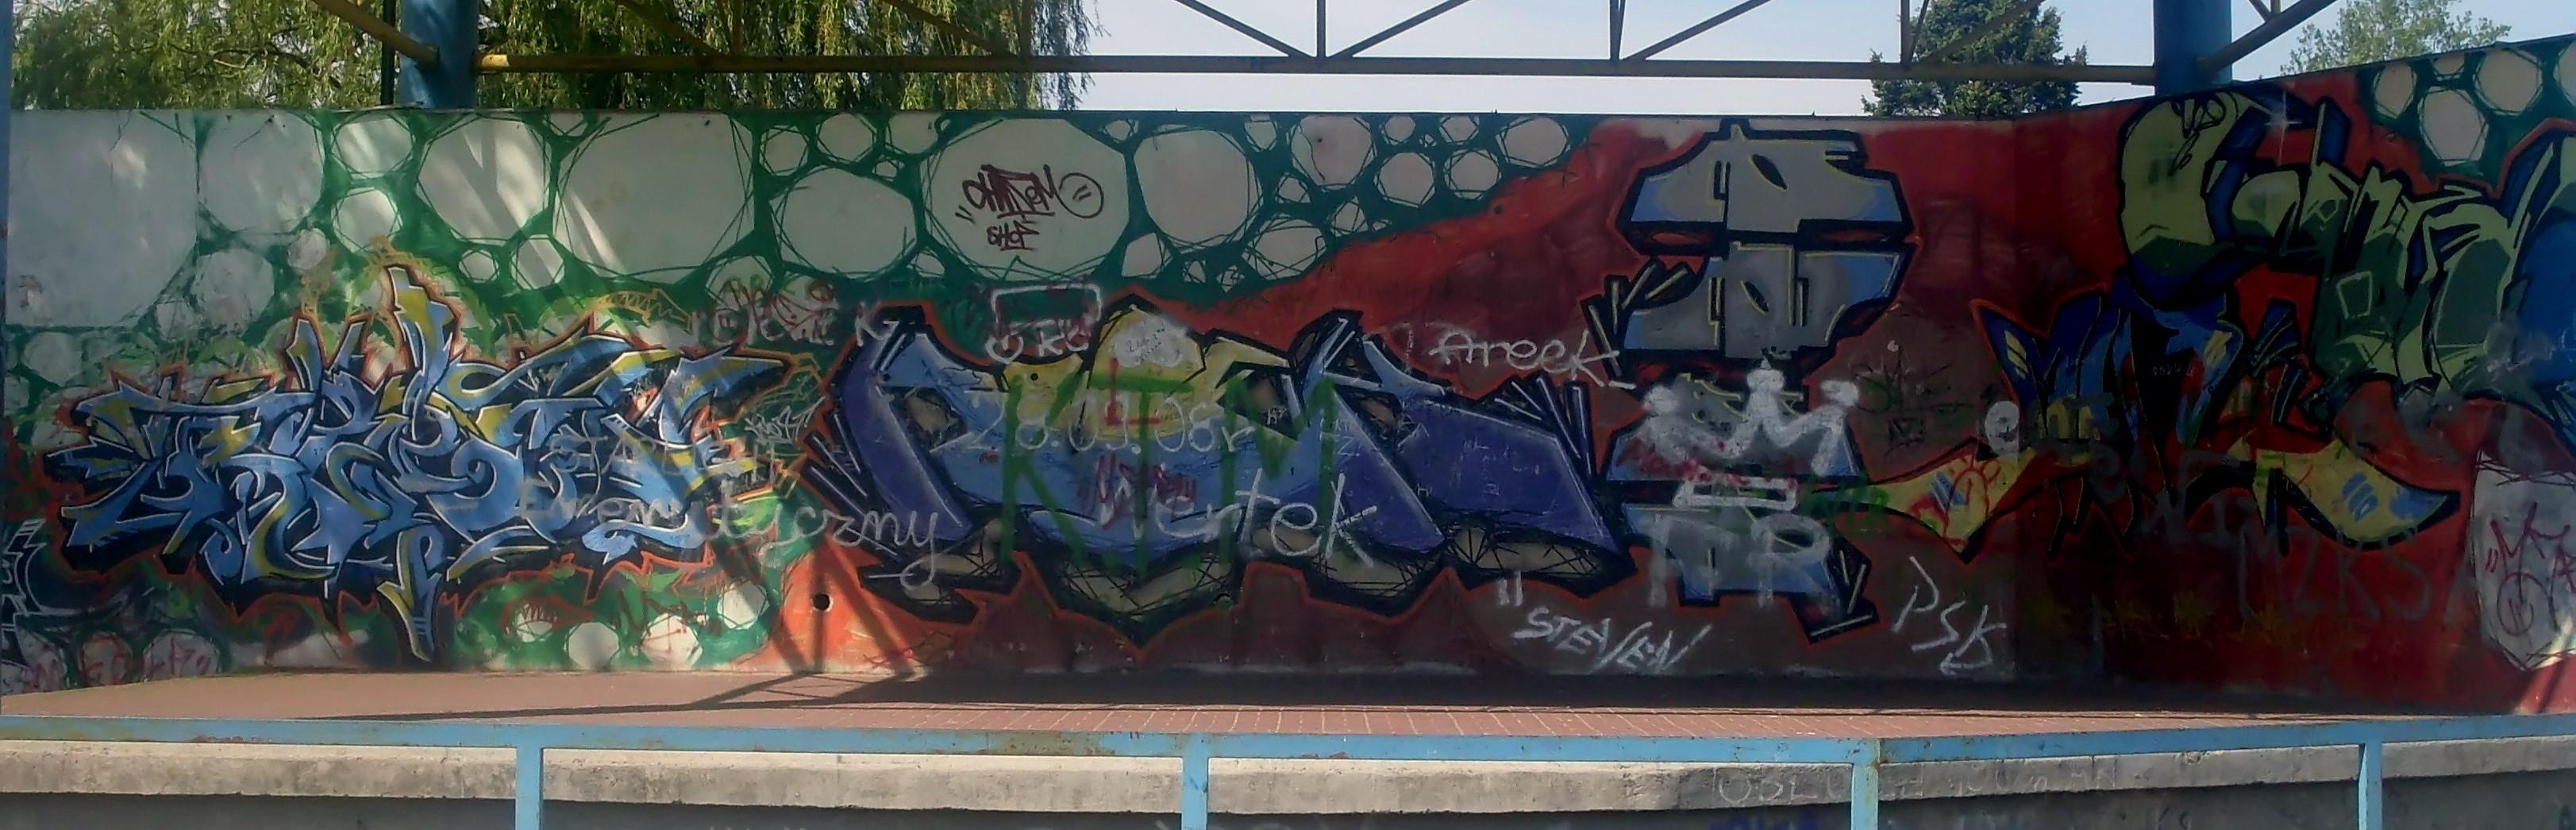 Filegraffiti at city park in gdynia obluze 1 jpg